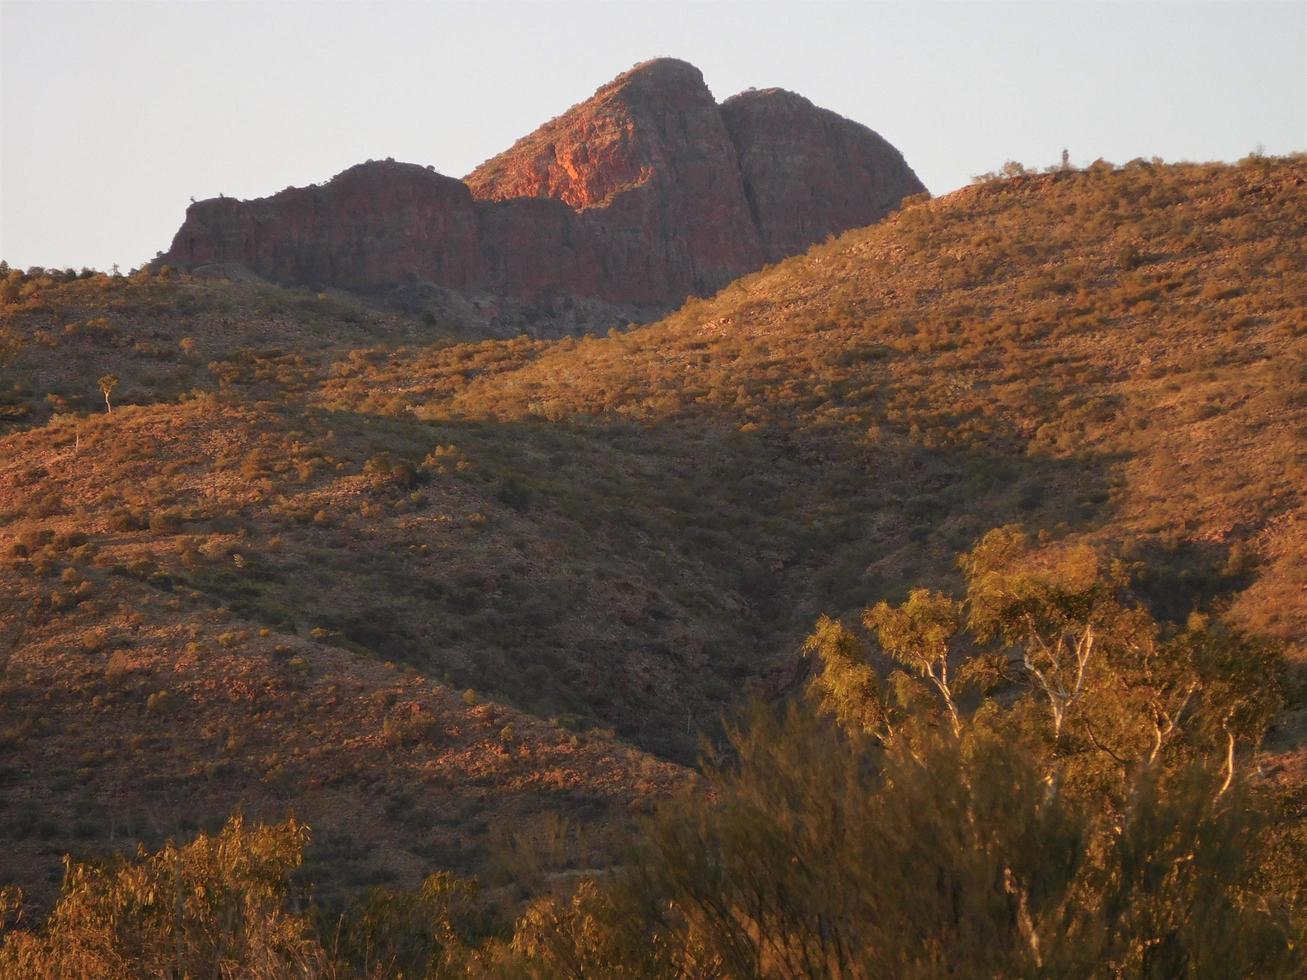 Se dice que la montaña se asemeja a la boca y la nariz de una mujer autóctona. foto